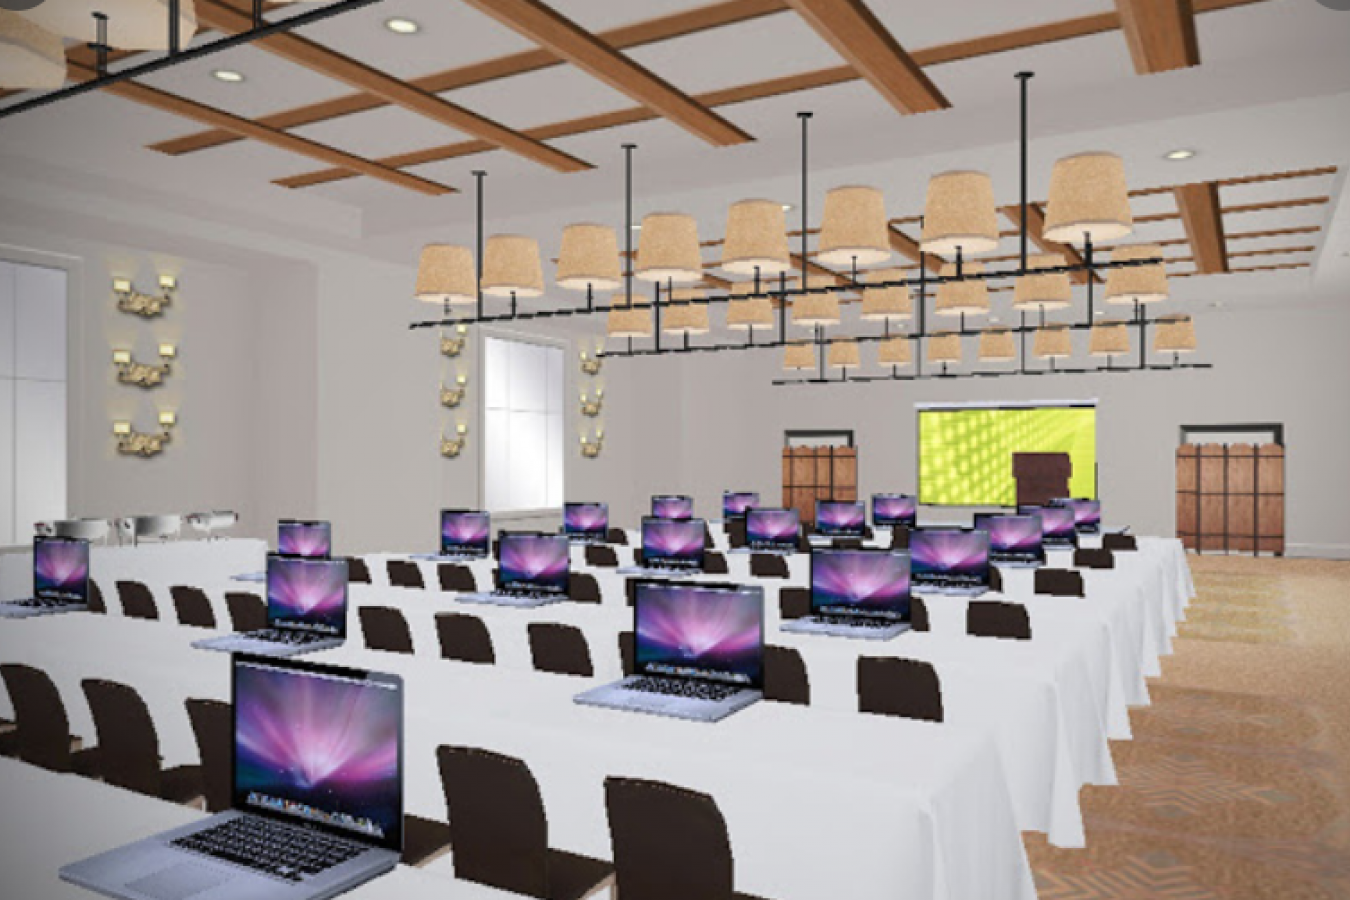 Plans d'implantation en 2D et 3D de salles, lieux événementiels